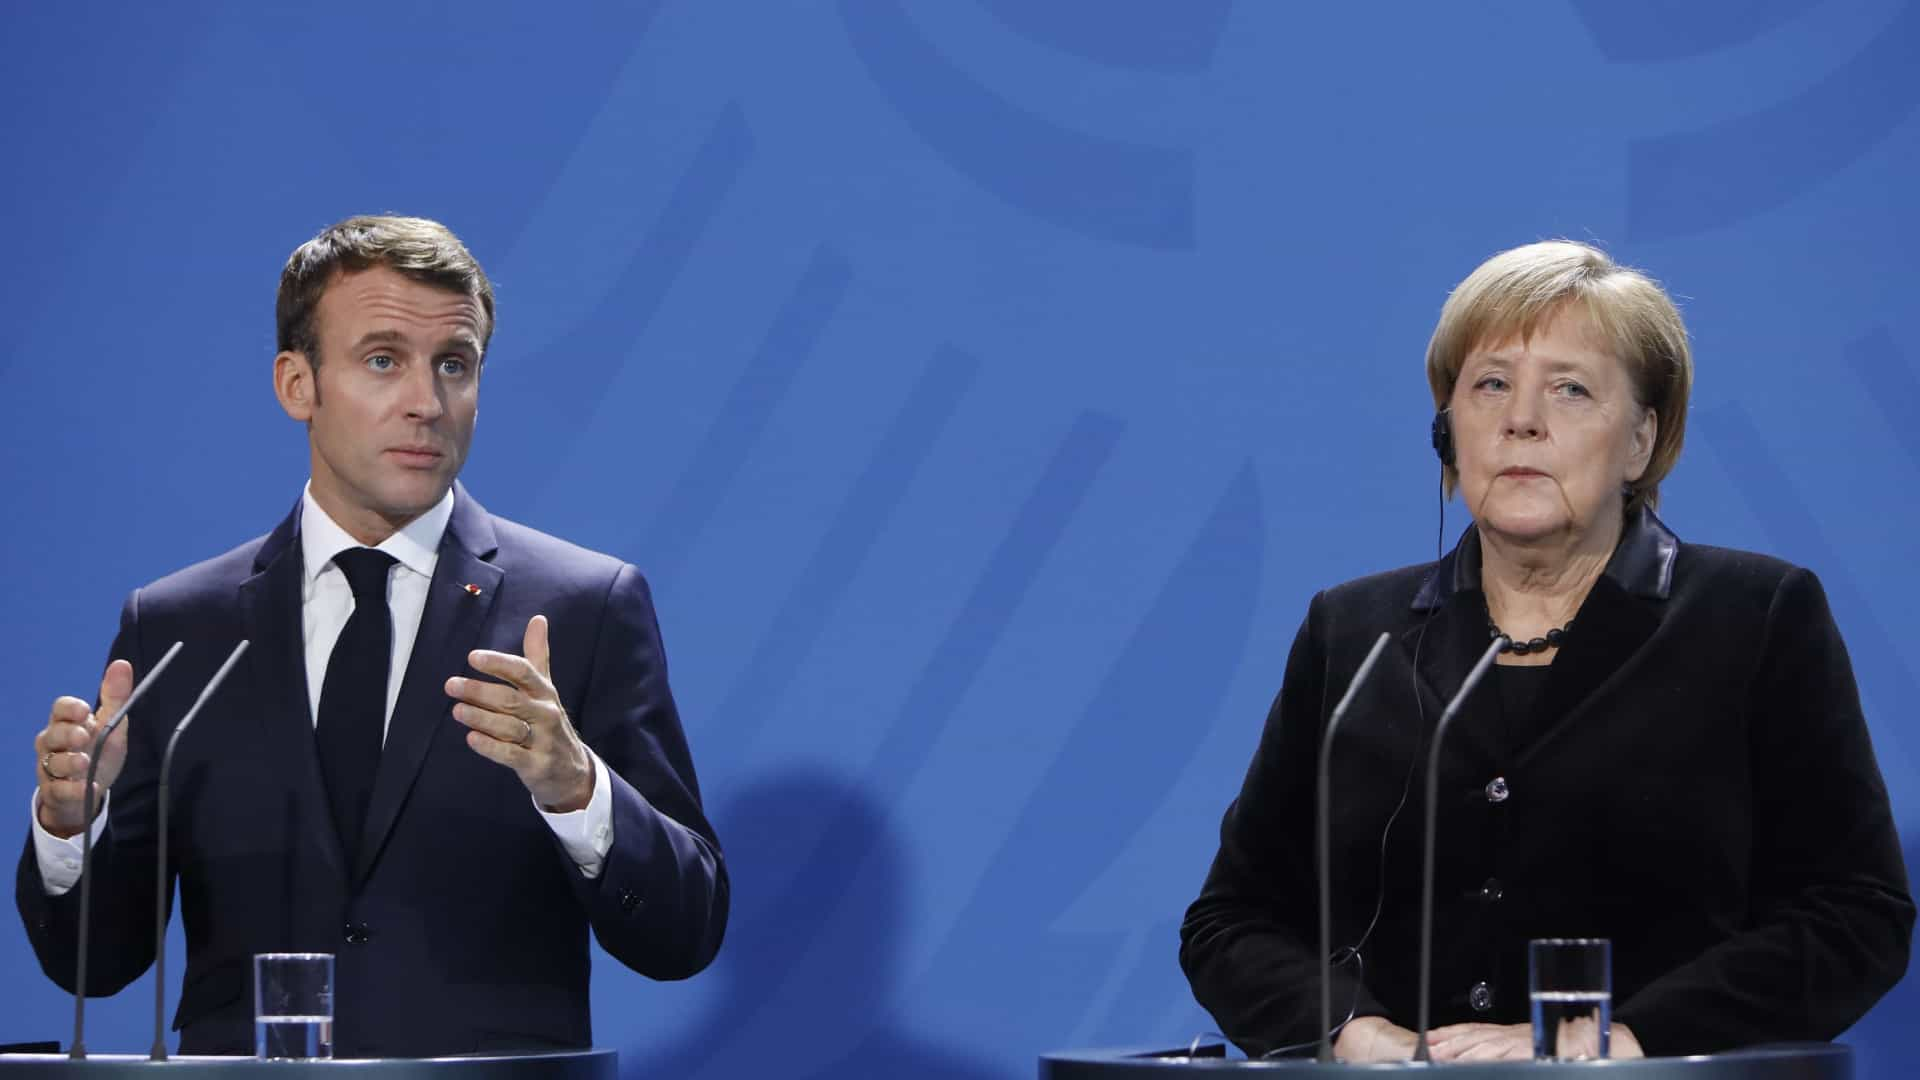 Merkel e Macron confiantes em acordo para aprovação no Conselho Europeu